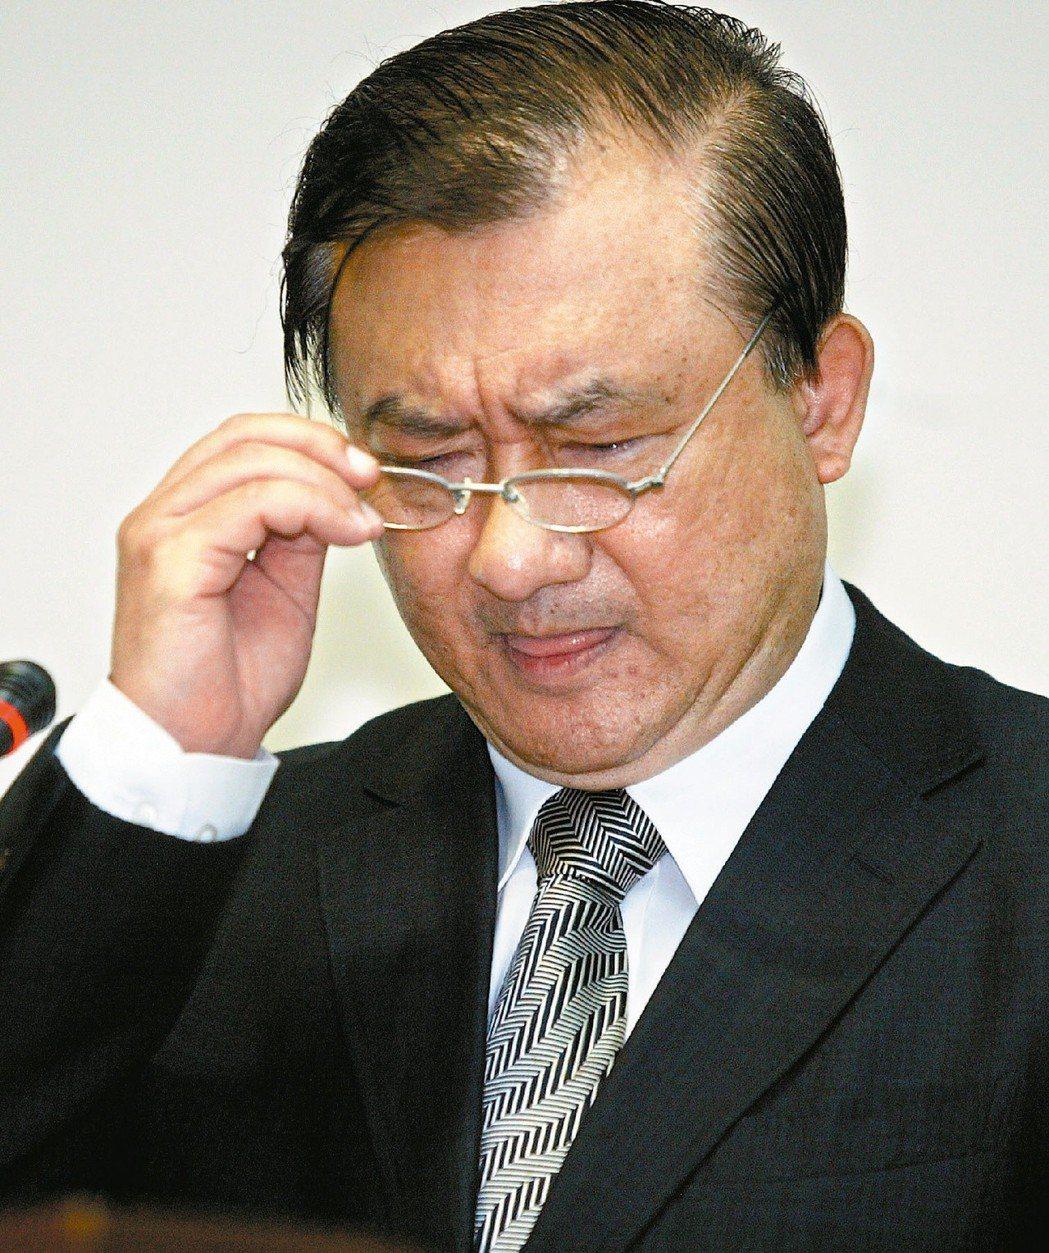 國際原物料價格大幅滑落,國內物價卻居高不下,當時的經濟部長尹啟銘遭多名立委砲轟。...